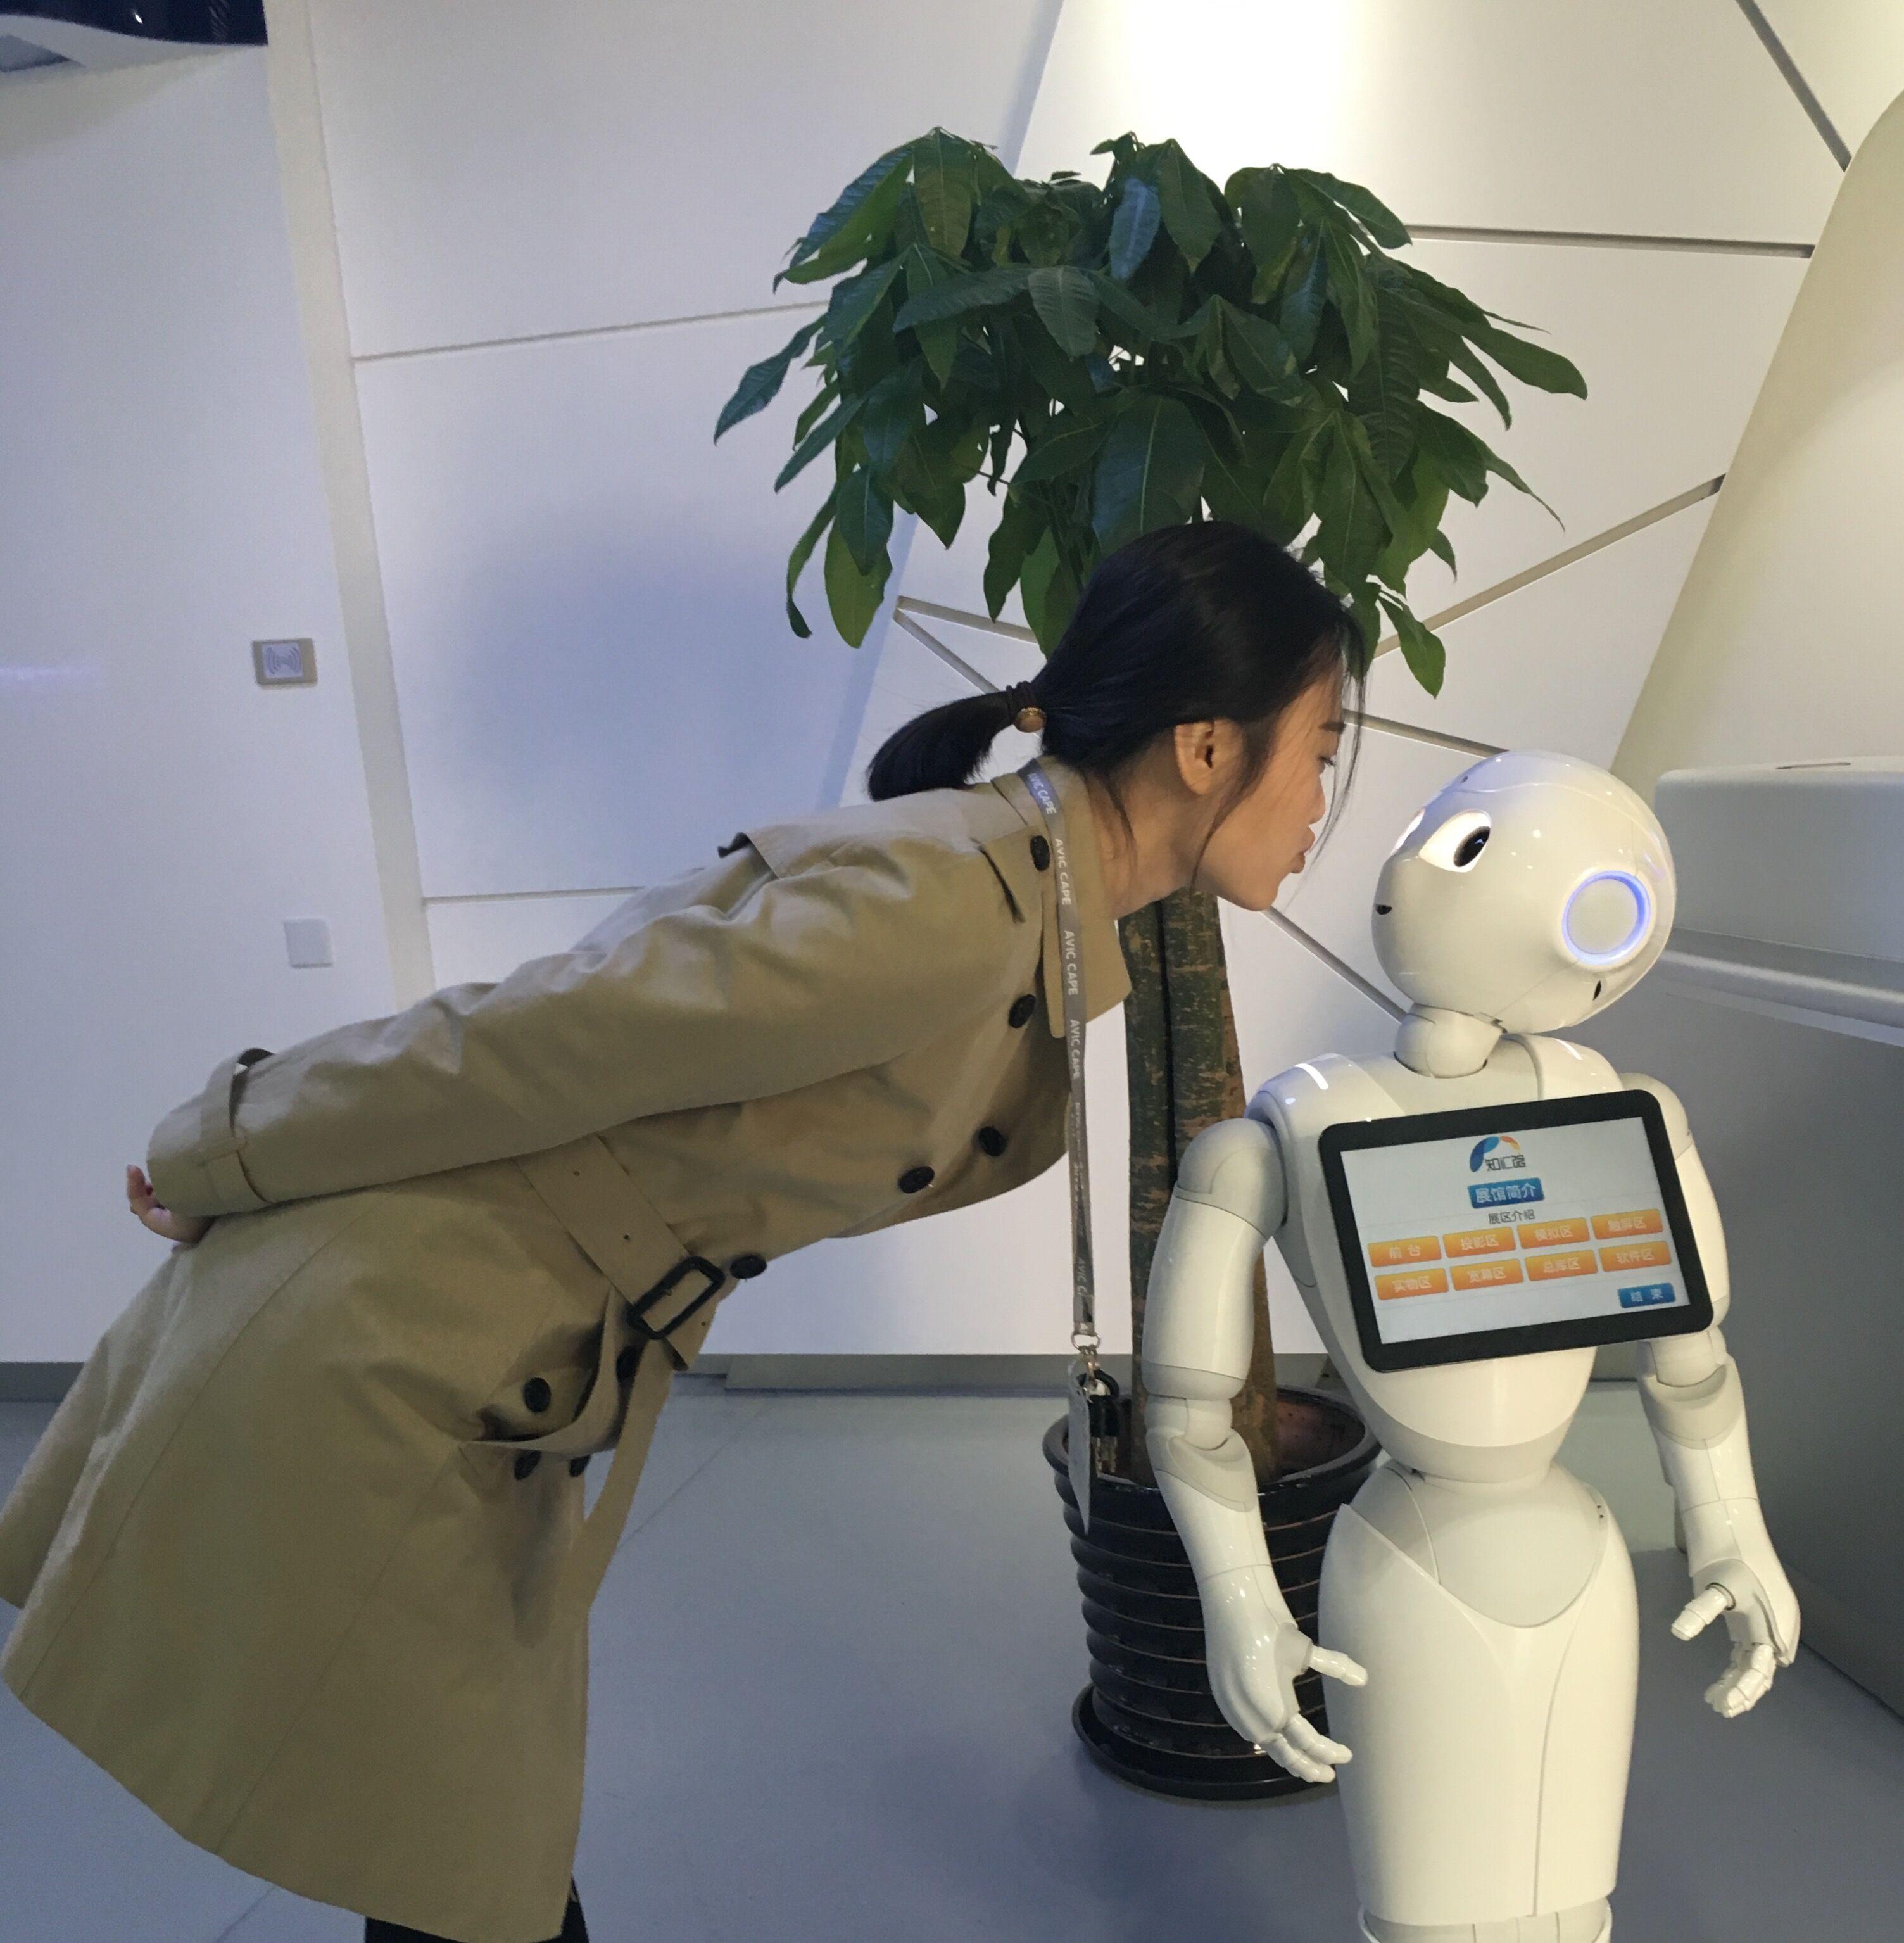 精琢供应机器人Pepper